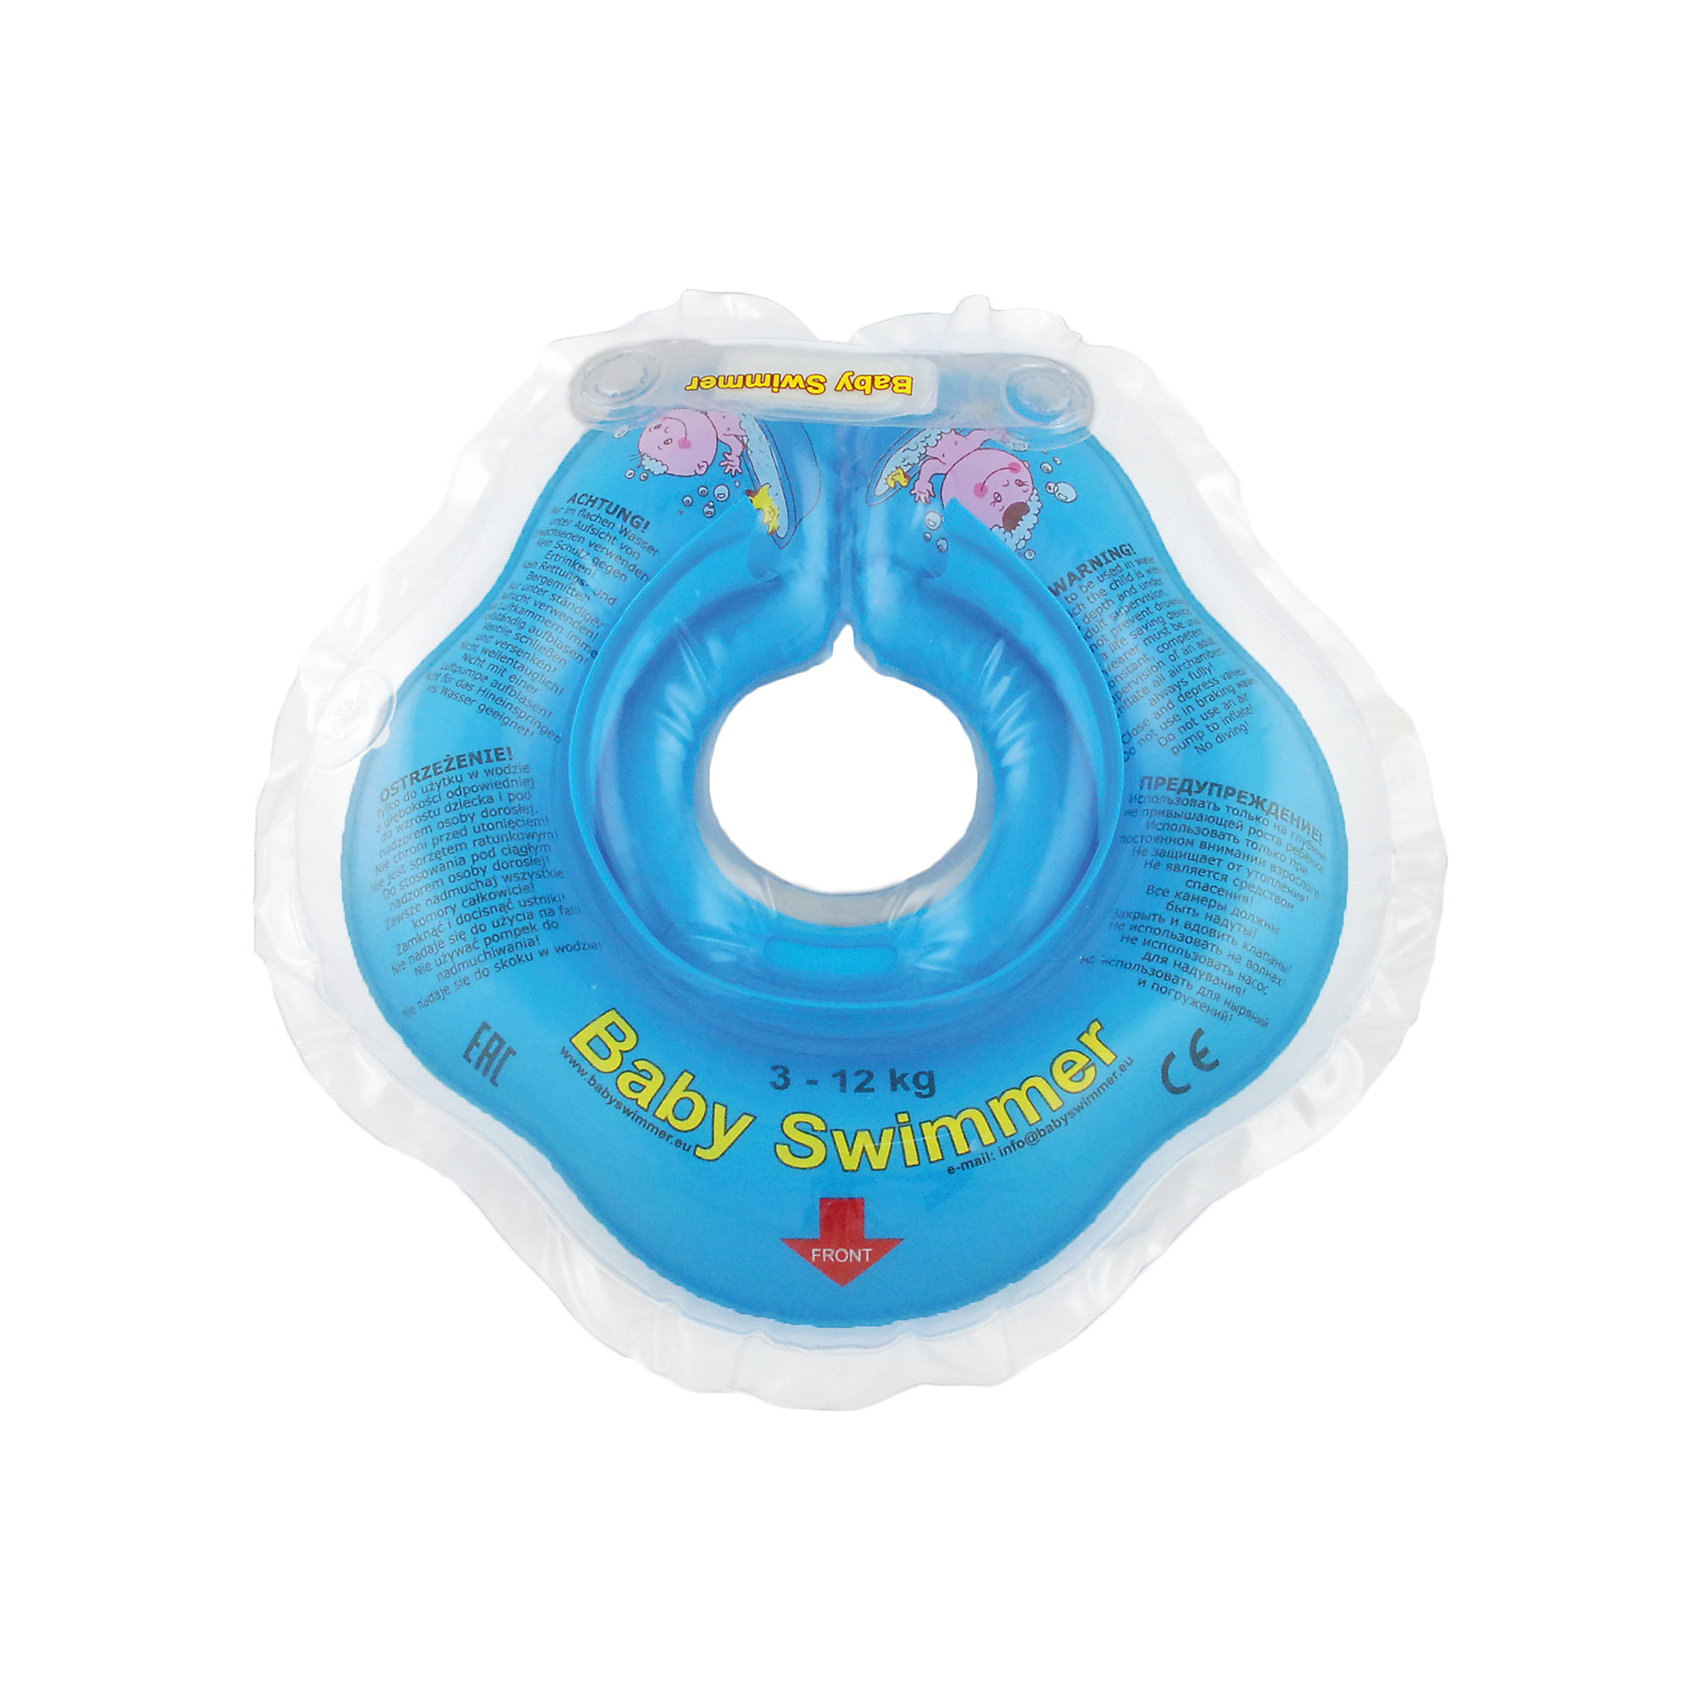 Круг для купания BabySwimmer, голубойКруги для купания малыша<br>Купание младенца - ответственное и важное занятие. Круг для купания Baby Swimmer  обеспечит безопасность процесса, избавит малыша от страха воды и сделает водные процедуры веселой игрой. У круга есть устройство, поддерживающее подбородок, что позволит избежать проглатывание воды малышом. У круга яркие цвета, необычный дизайн и веселые картинки по бокам, которые понравится всем детям. Все материалы, использованные при разработке и изготовлении круга для купания безопасны для использования, отвечают всем требованиям экологичности и качества детских товаров, а так же гипоаллергенны.<br><br>Дополнительная информация:<br><br>модель: Baby Swimmer;<br>цвет: голубой.<br><br>Круг для купания Baby Swimmer можно приобрести в нашем магазине.<br><br>Ширина мм: 150<br>Глубина мм: 40<br>Высота мм: 150<br>Вес г: 140<br>Возраст от месяцев: 0<br>Возраст до месяцев: 24<br>Пол: Унисекс<br>Возраст: Детский<br>SKU: 4968094